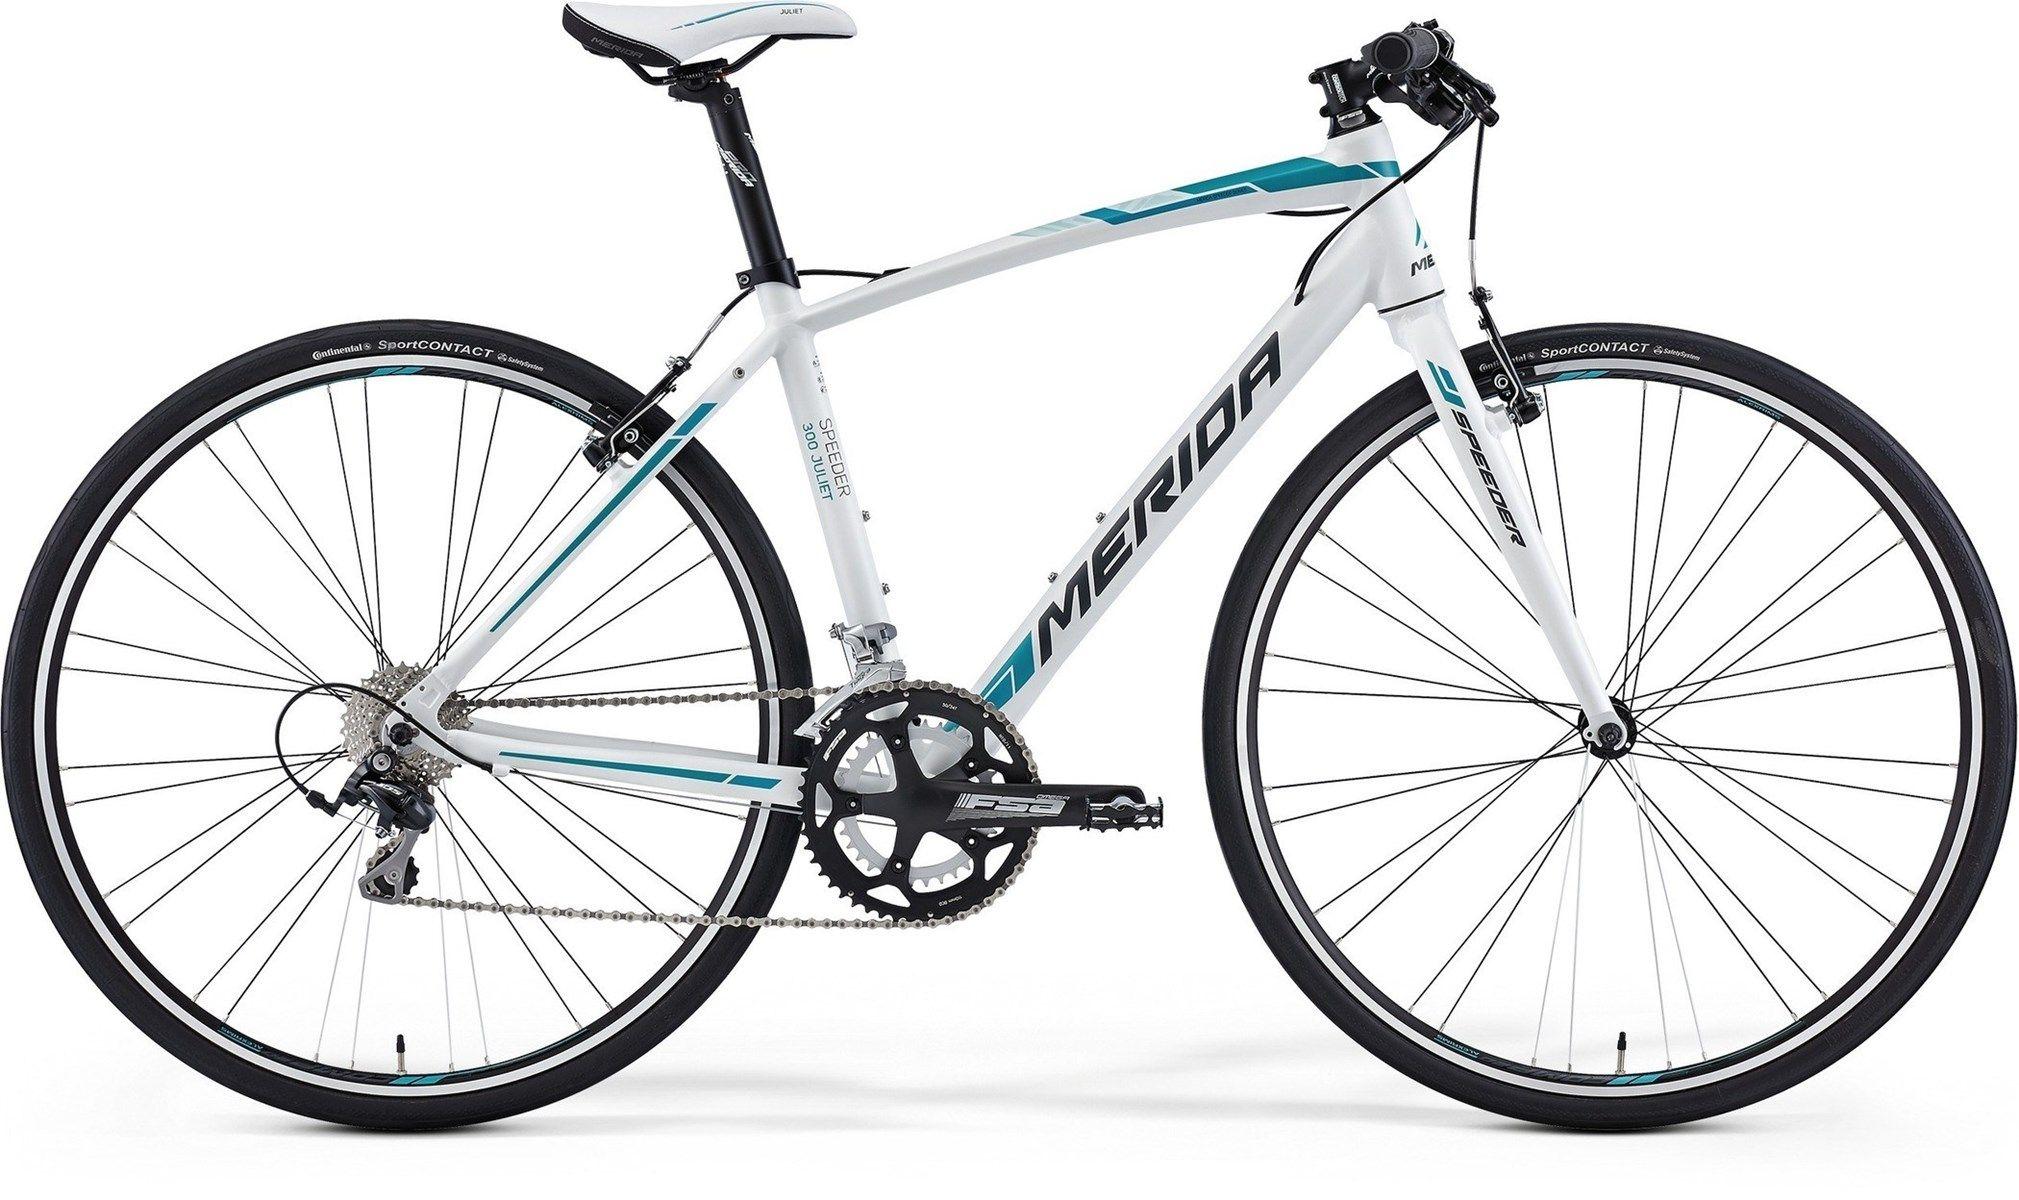 Merida Speeder 300 Juliet Ladies Hybrid Bike Buy Online Pedal Revolution Merida Bikes Road Bike Cycling Hybrid Bike